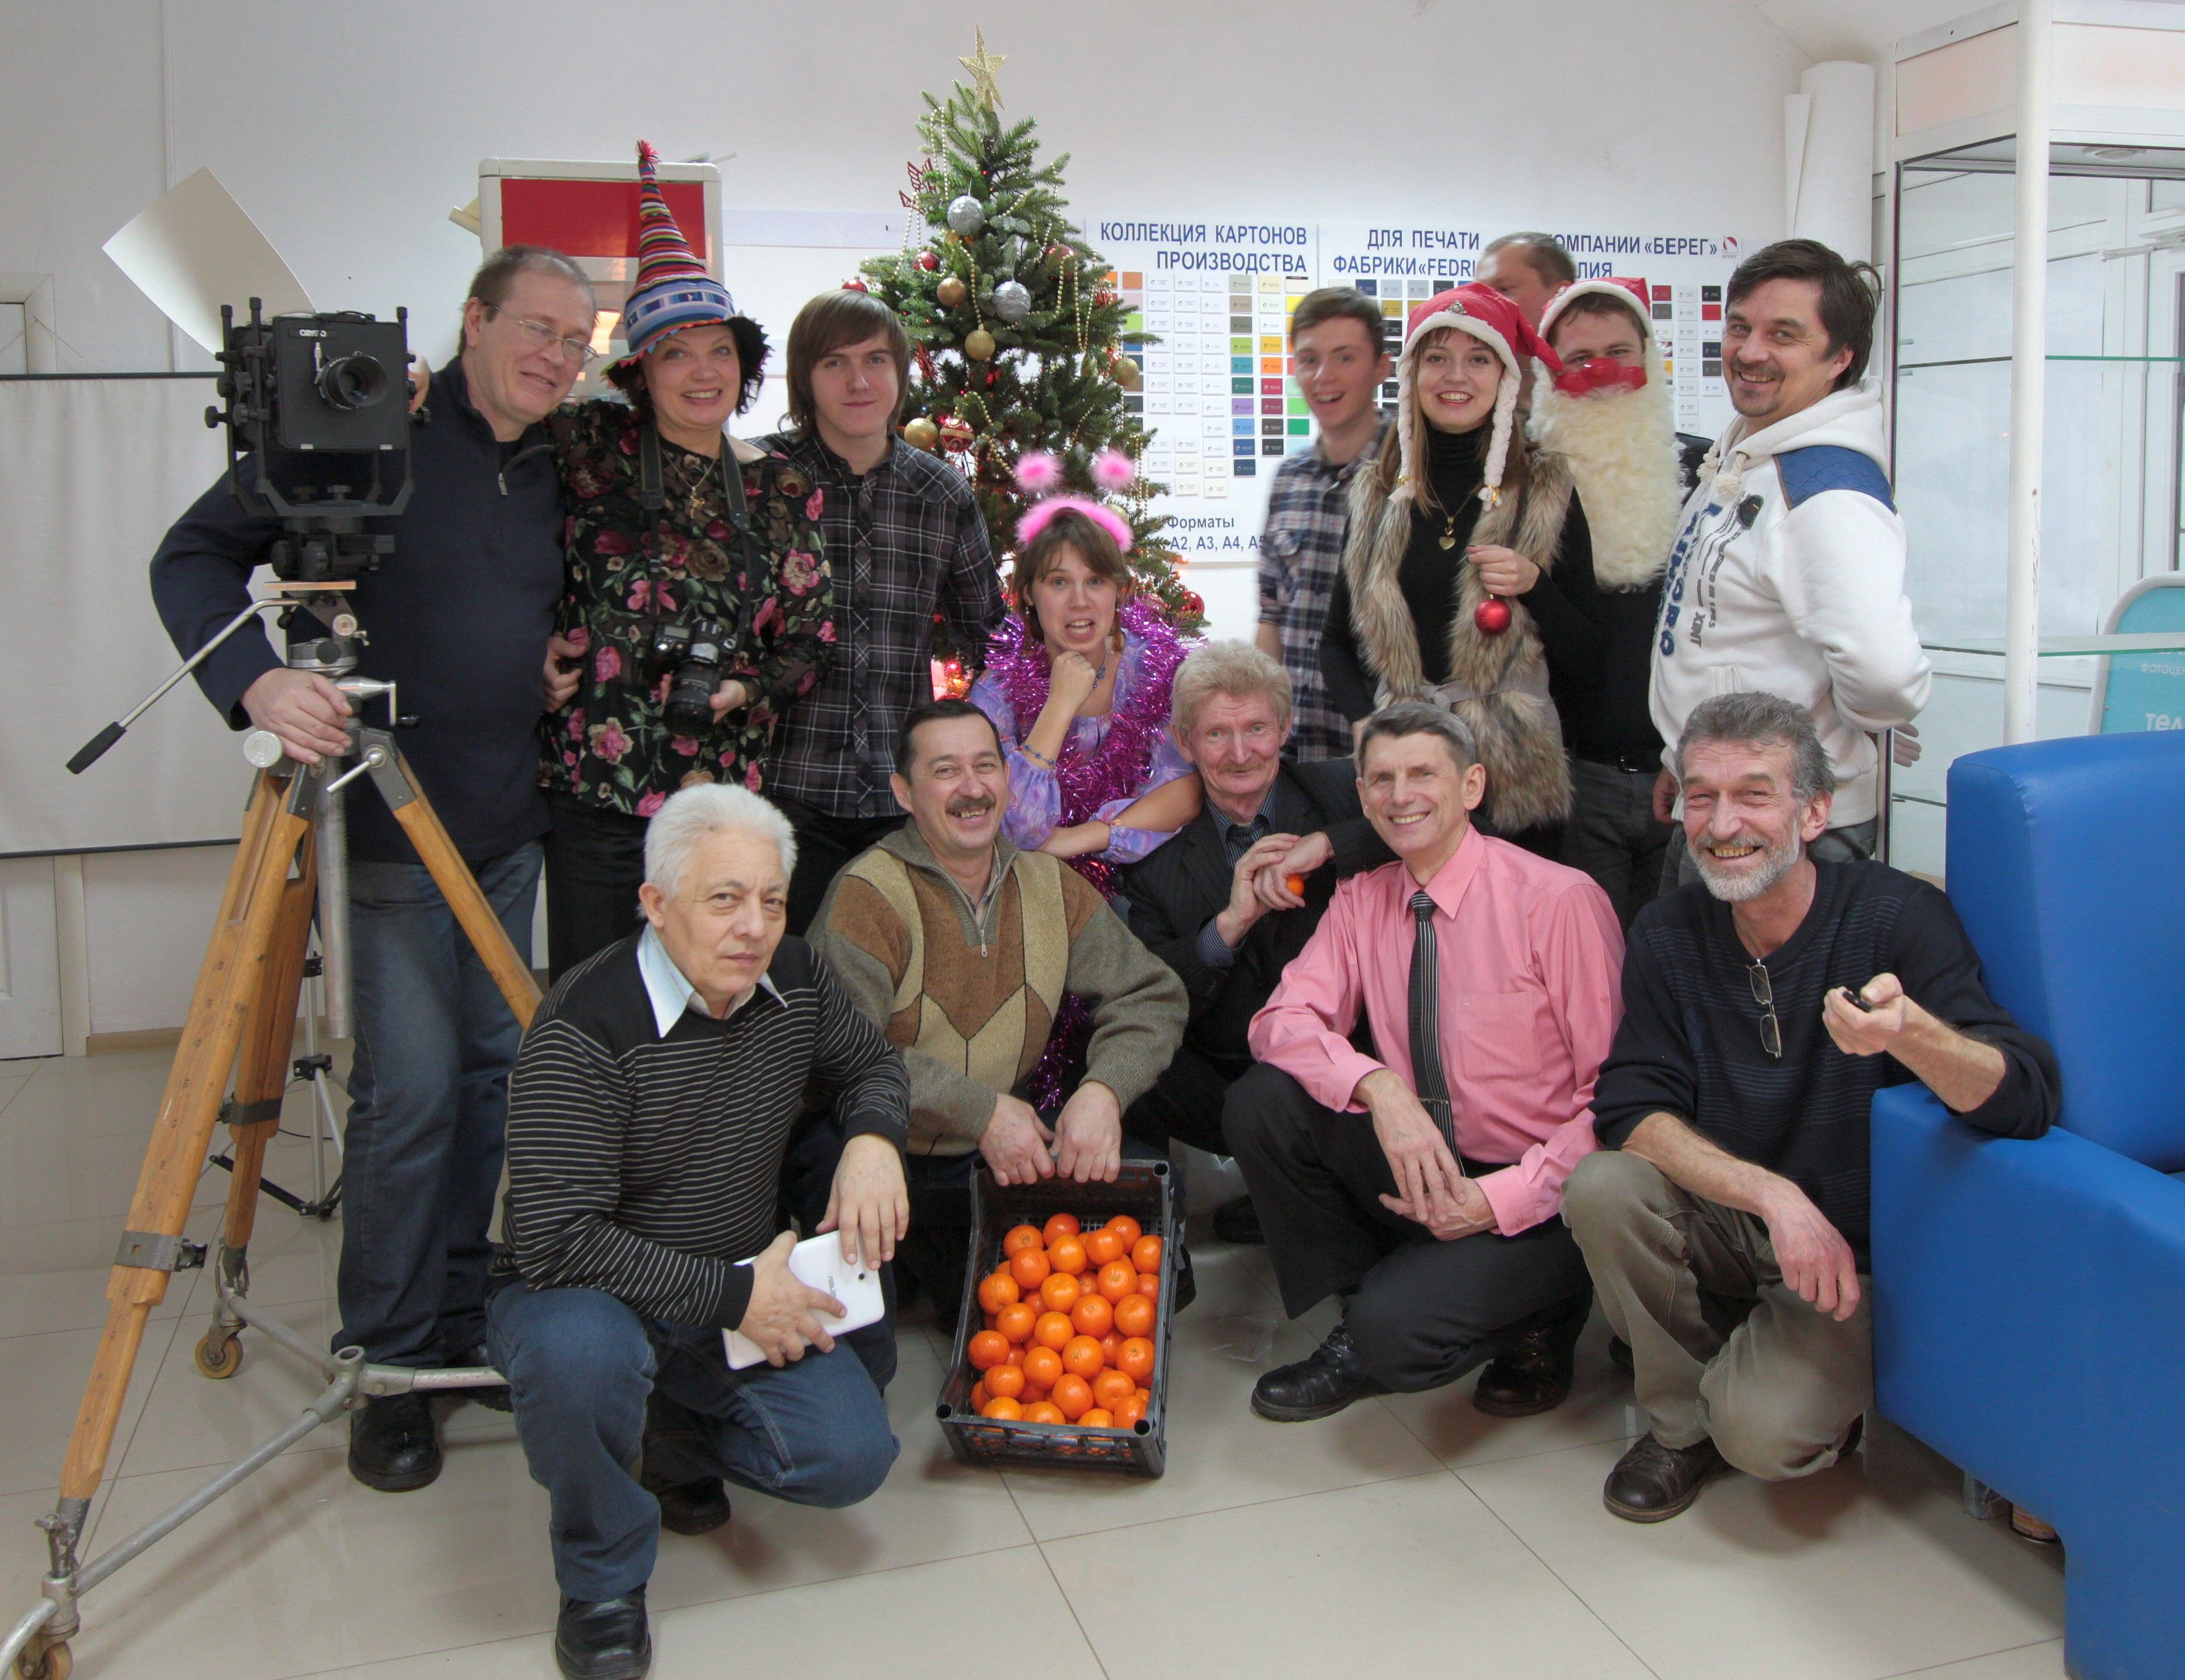 2014 г. Новый год в фотоклубе Сталкер